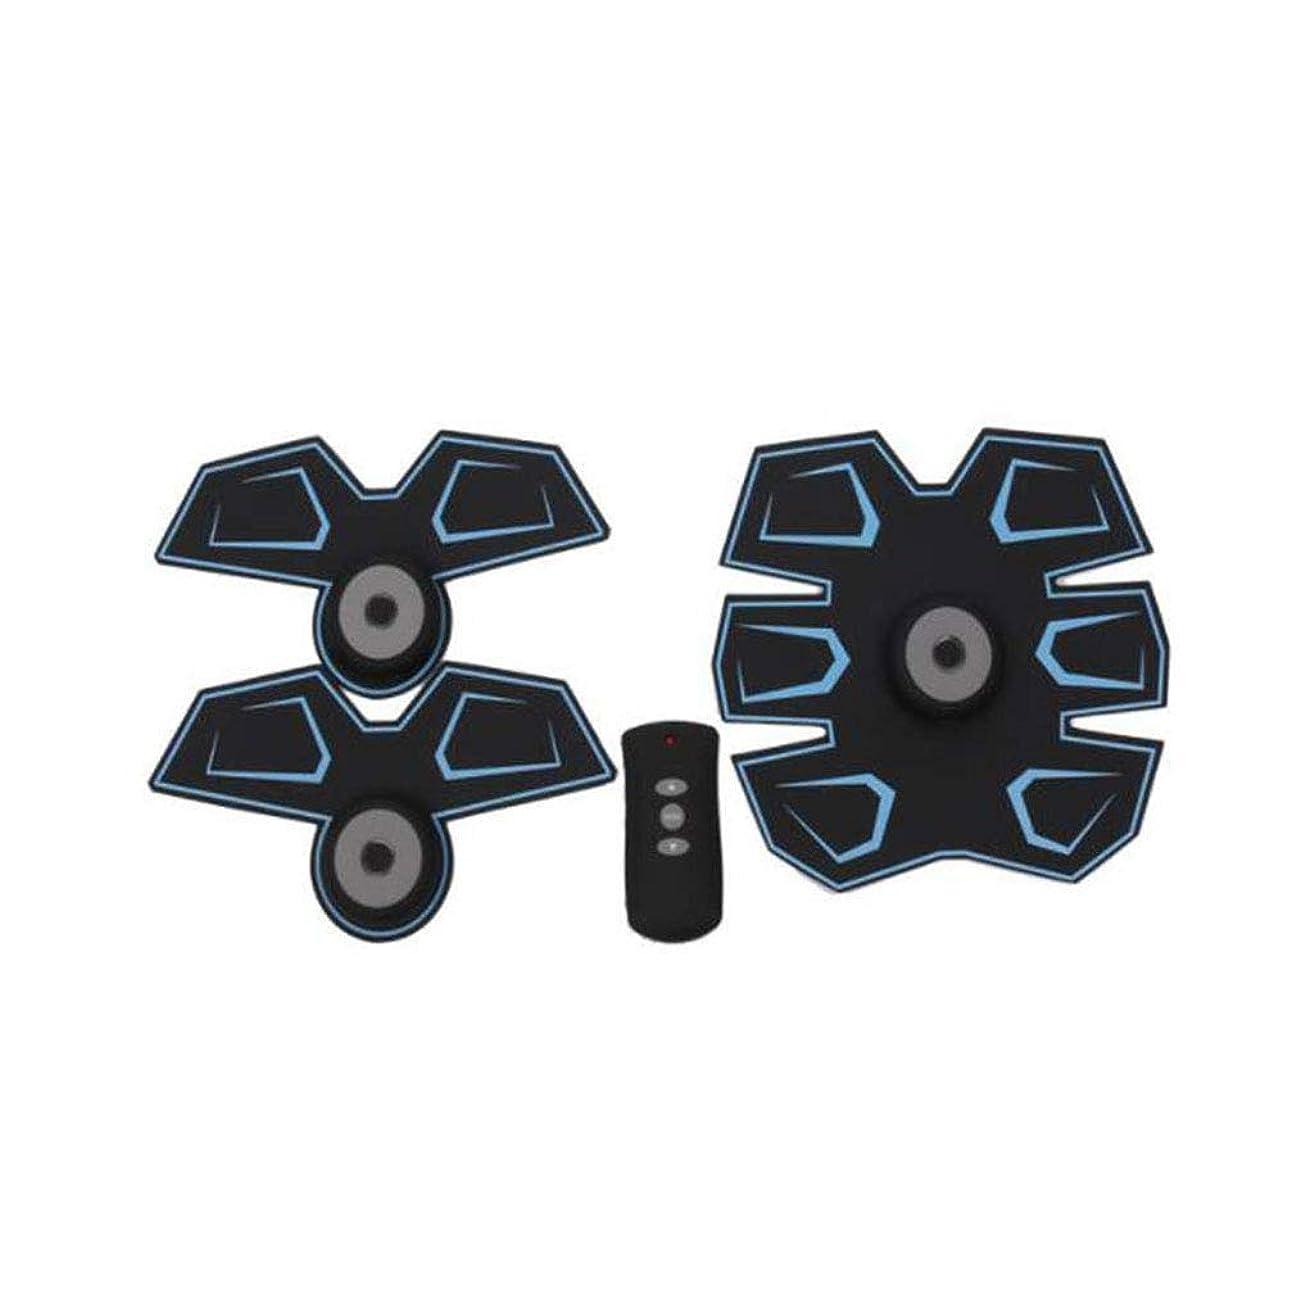 ルートおなじみのロシアGWM 腹部マッサージャー筋肉フィットネス装置、腹部電気刺激装置EMS腹部トレーナー、ワイヤレス電子フィットネスマッサージャーセット腹部腕脚ユニセックス(青)